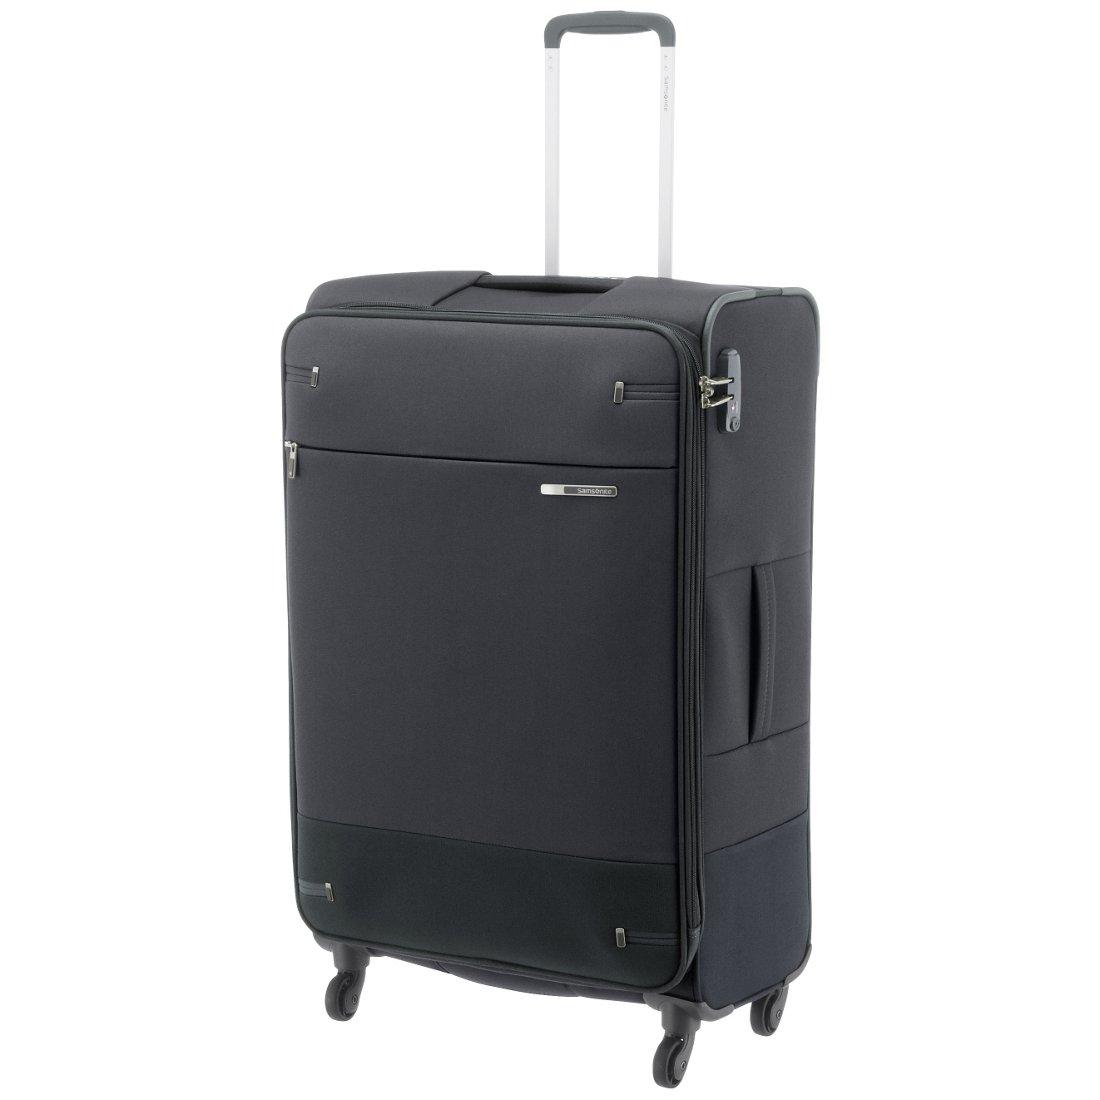 e303d825eaf Samsonite Base Boost 4-Rollen-Trolley 78 cm - black - koffer-direkt.de